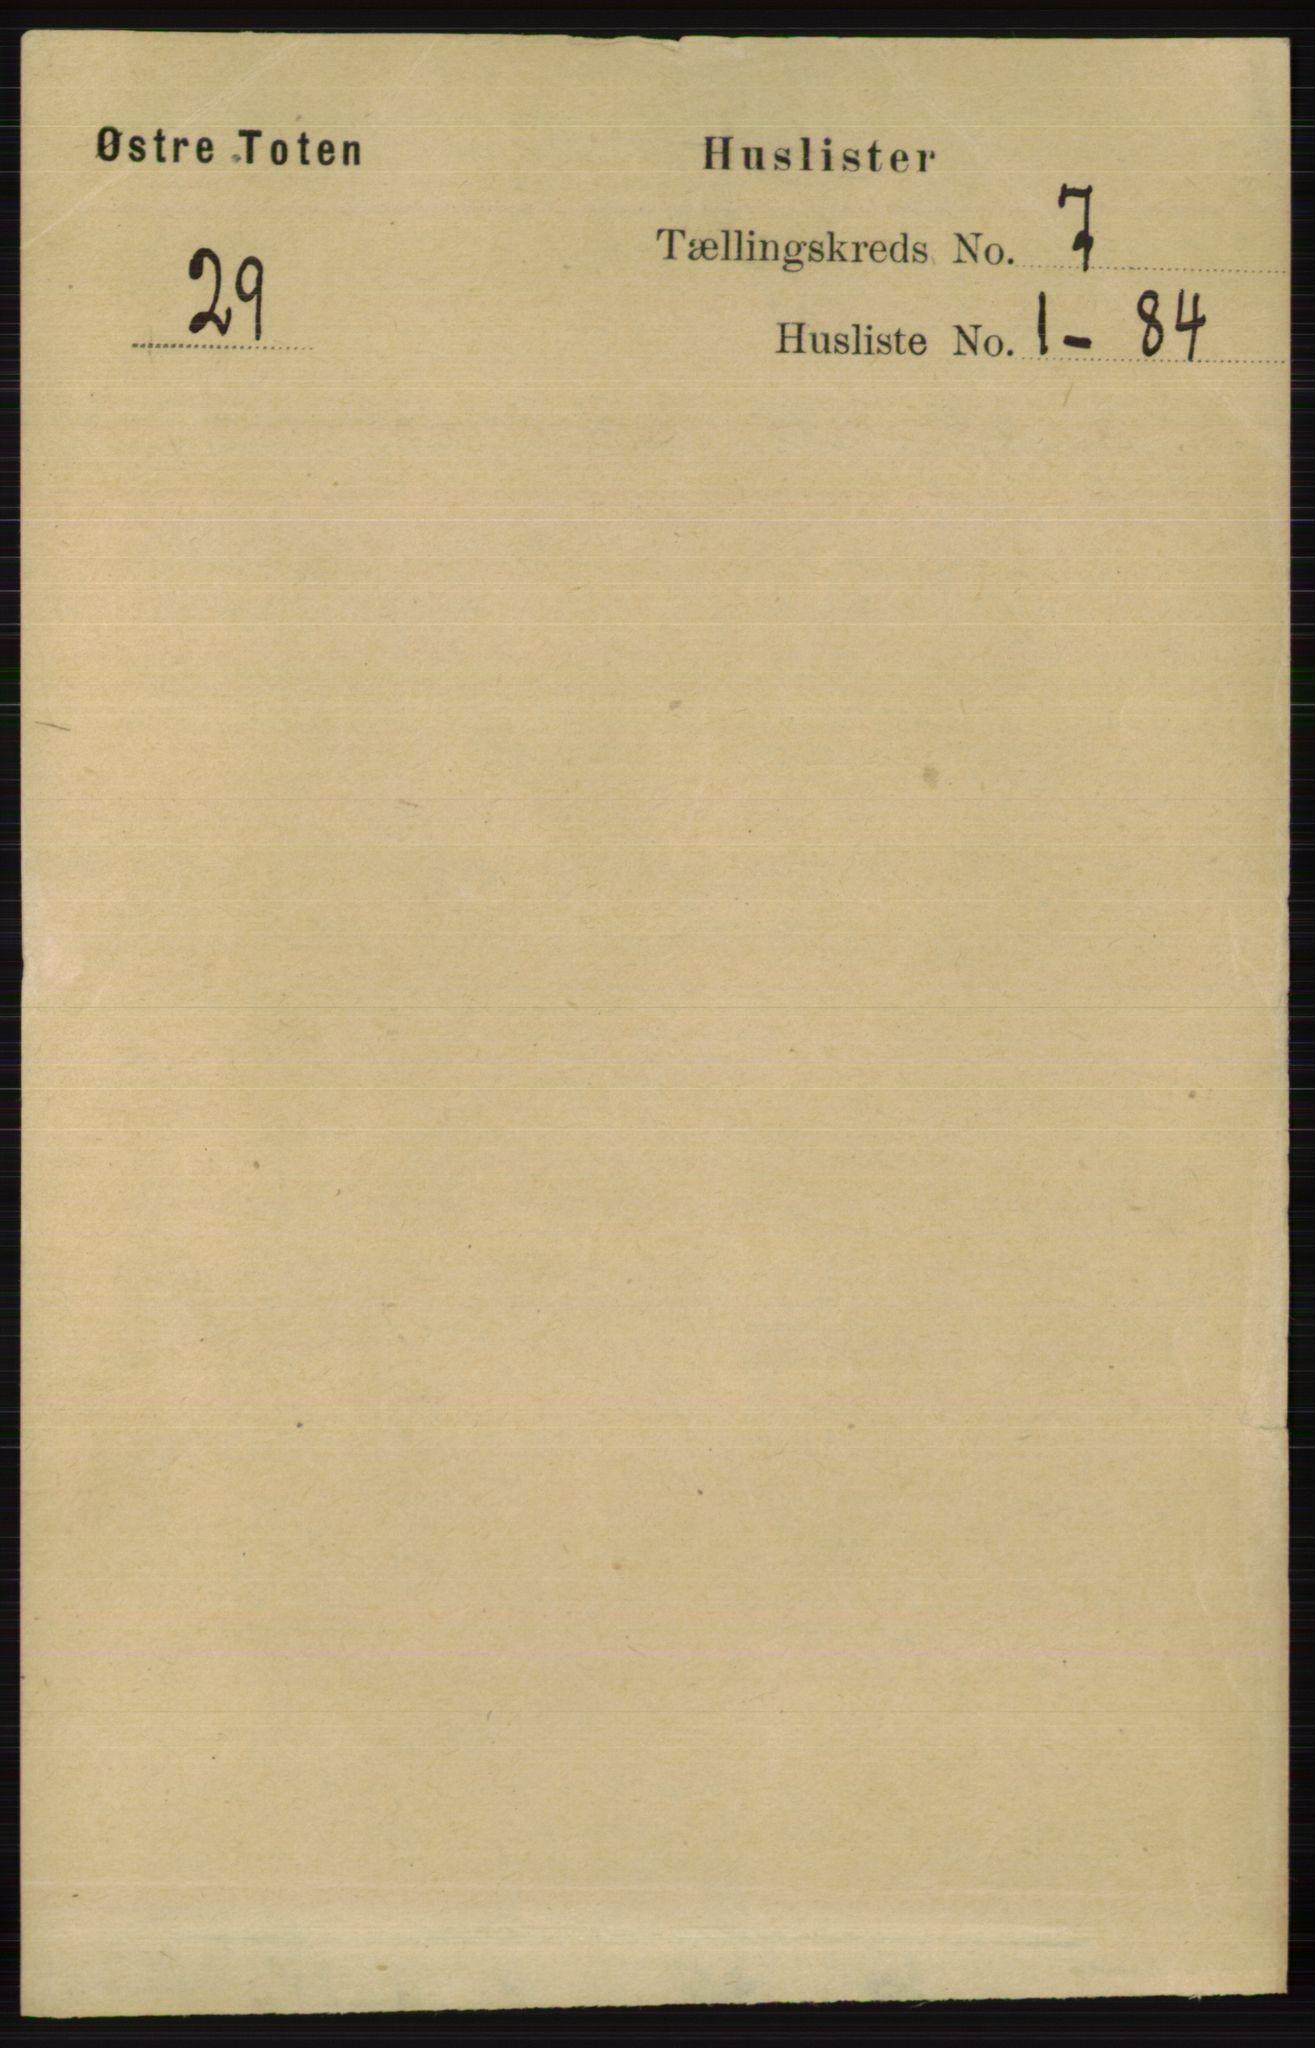 RA, Folketelling 1891 for 0528 Østre Toten herred, 1891, s. 4350